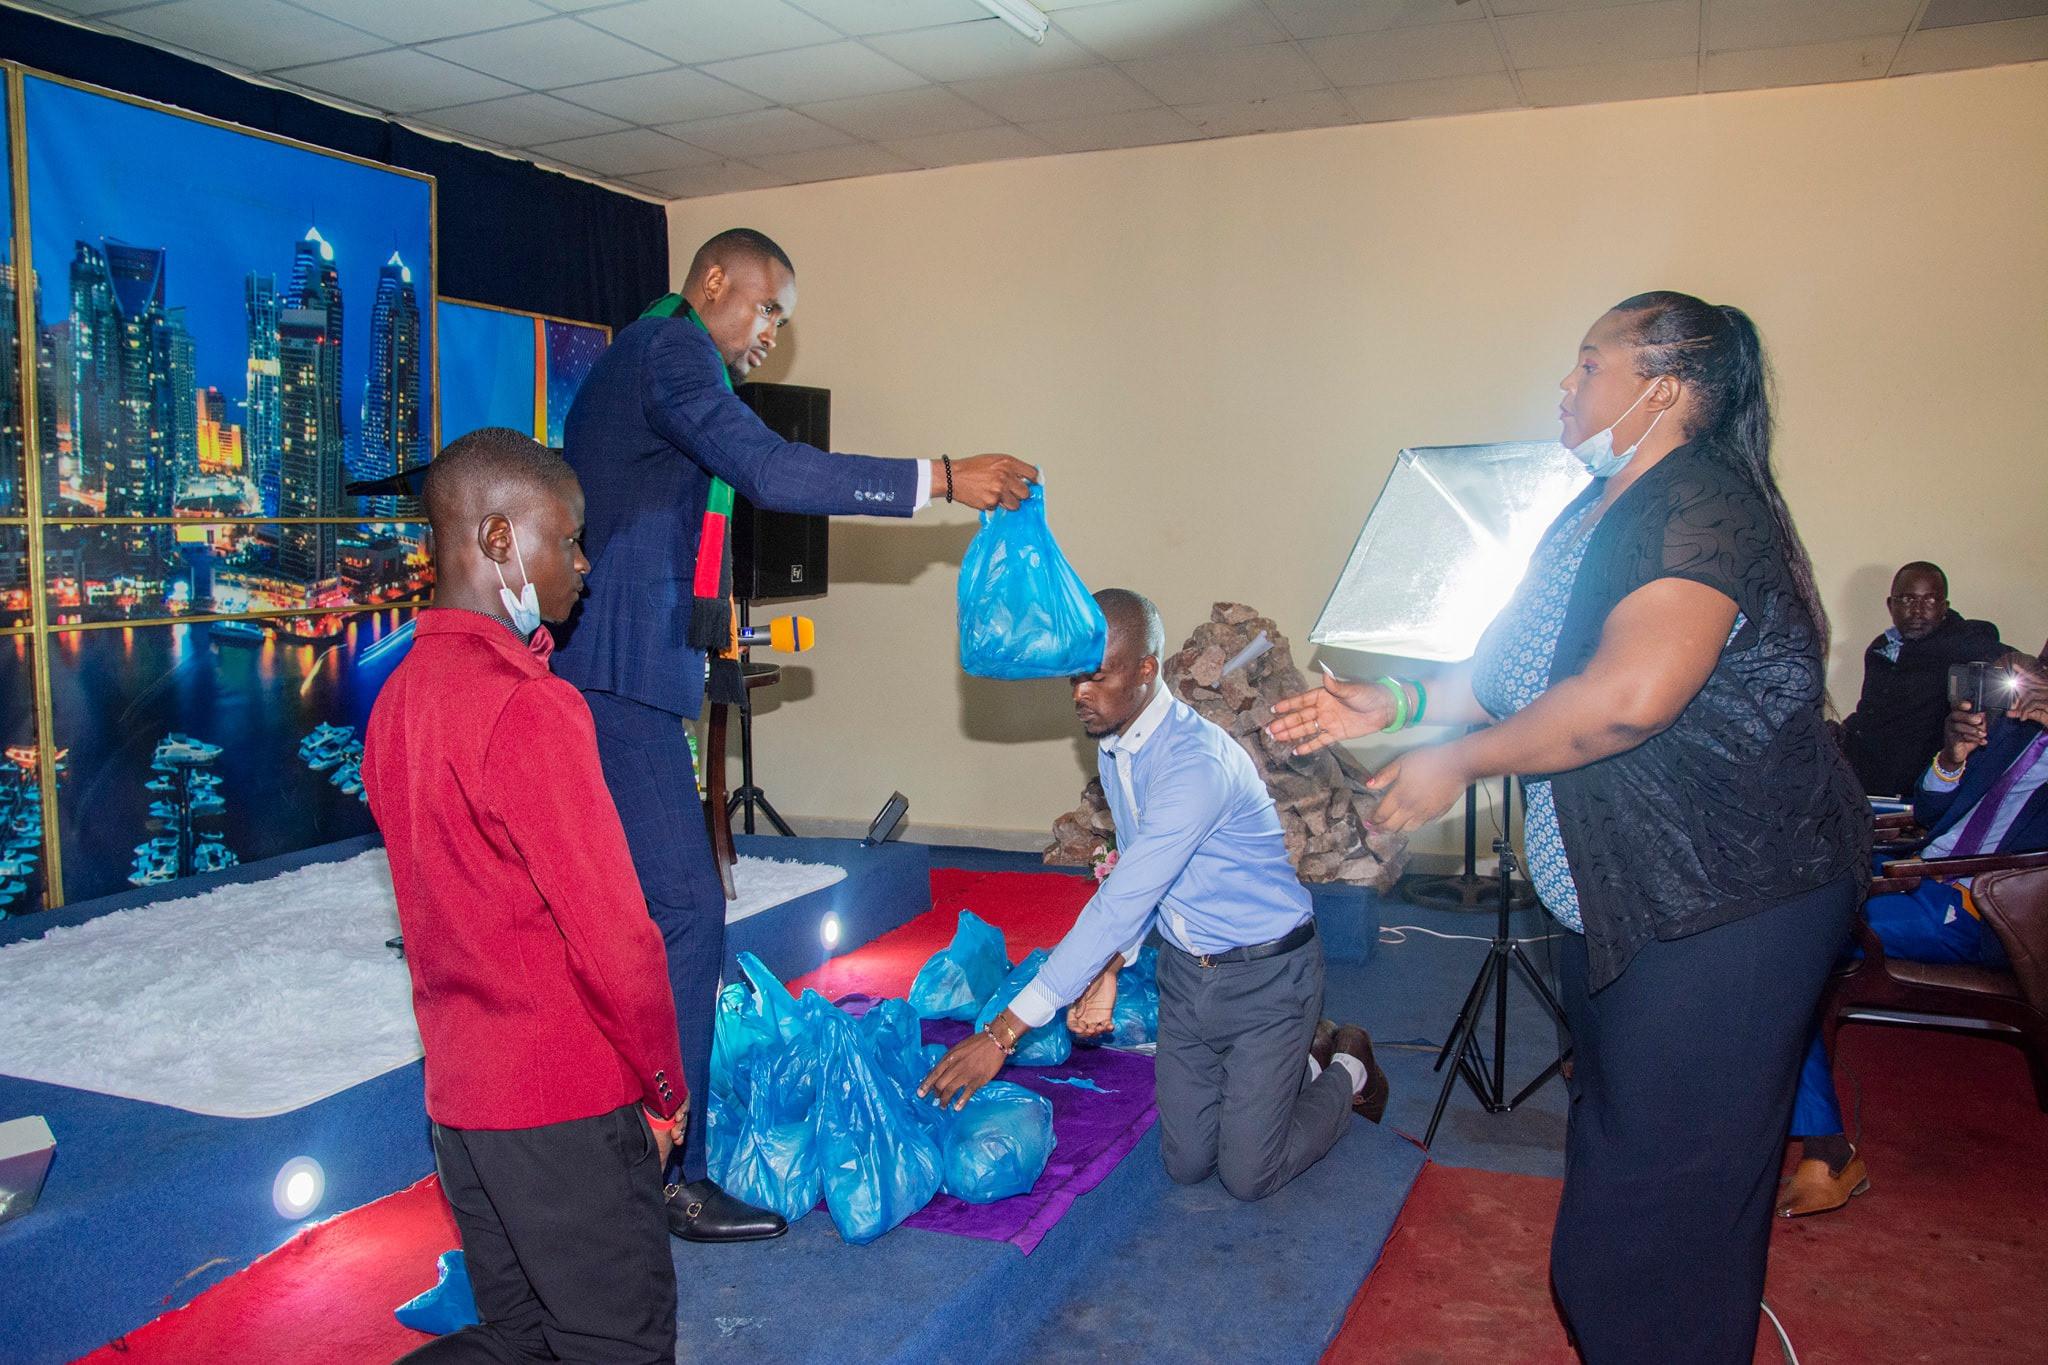 Zambie : des fidèles s'agenouillent pour accueillir leur pasteur et recevoir du poulet de lui (photos)